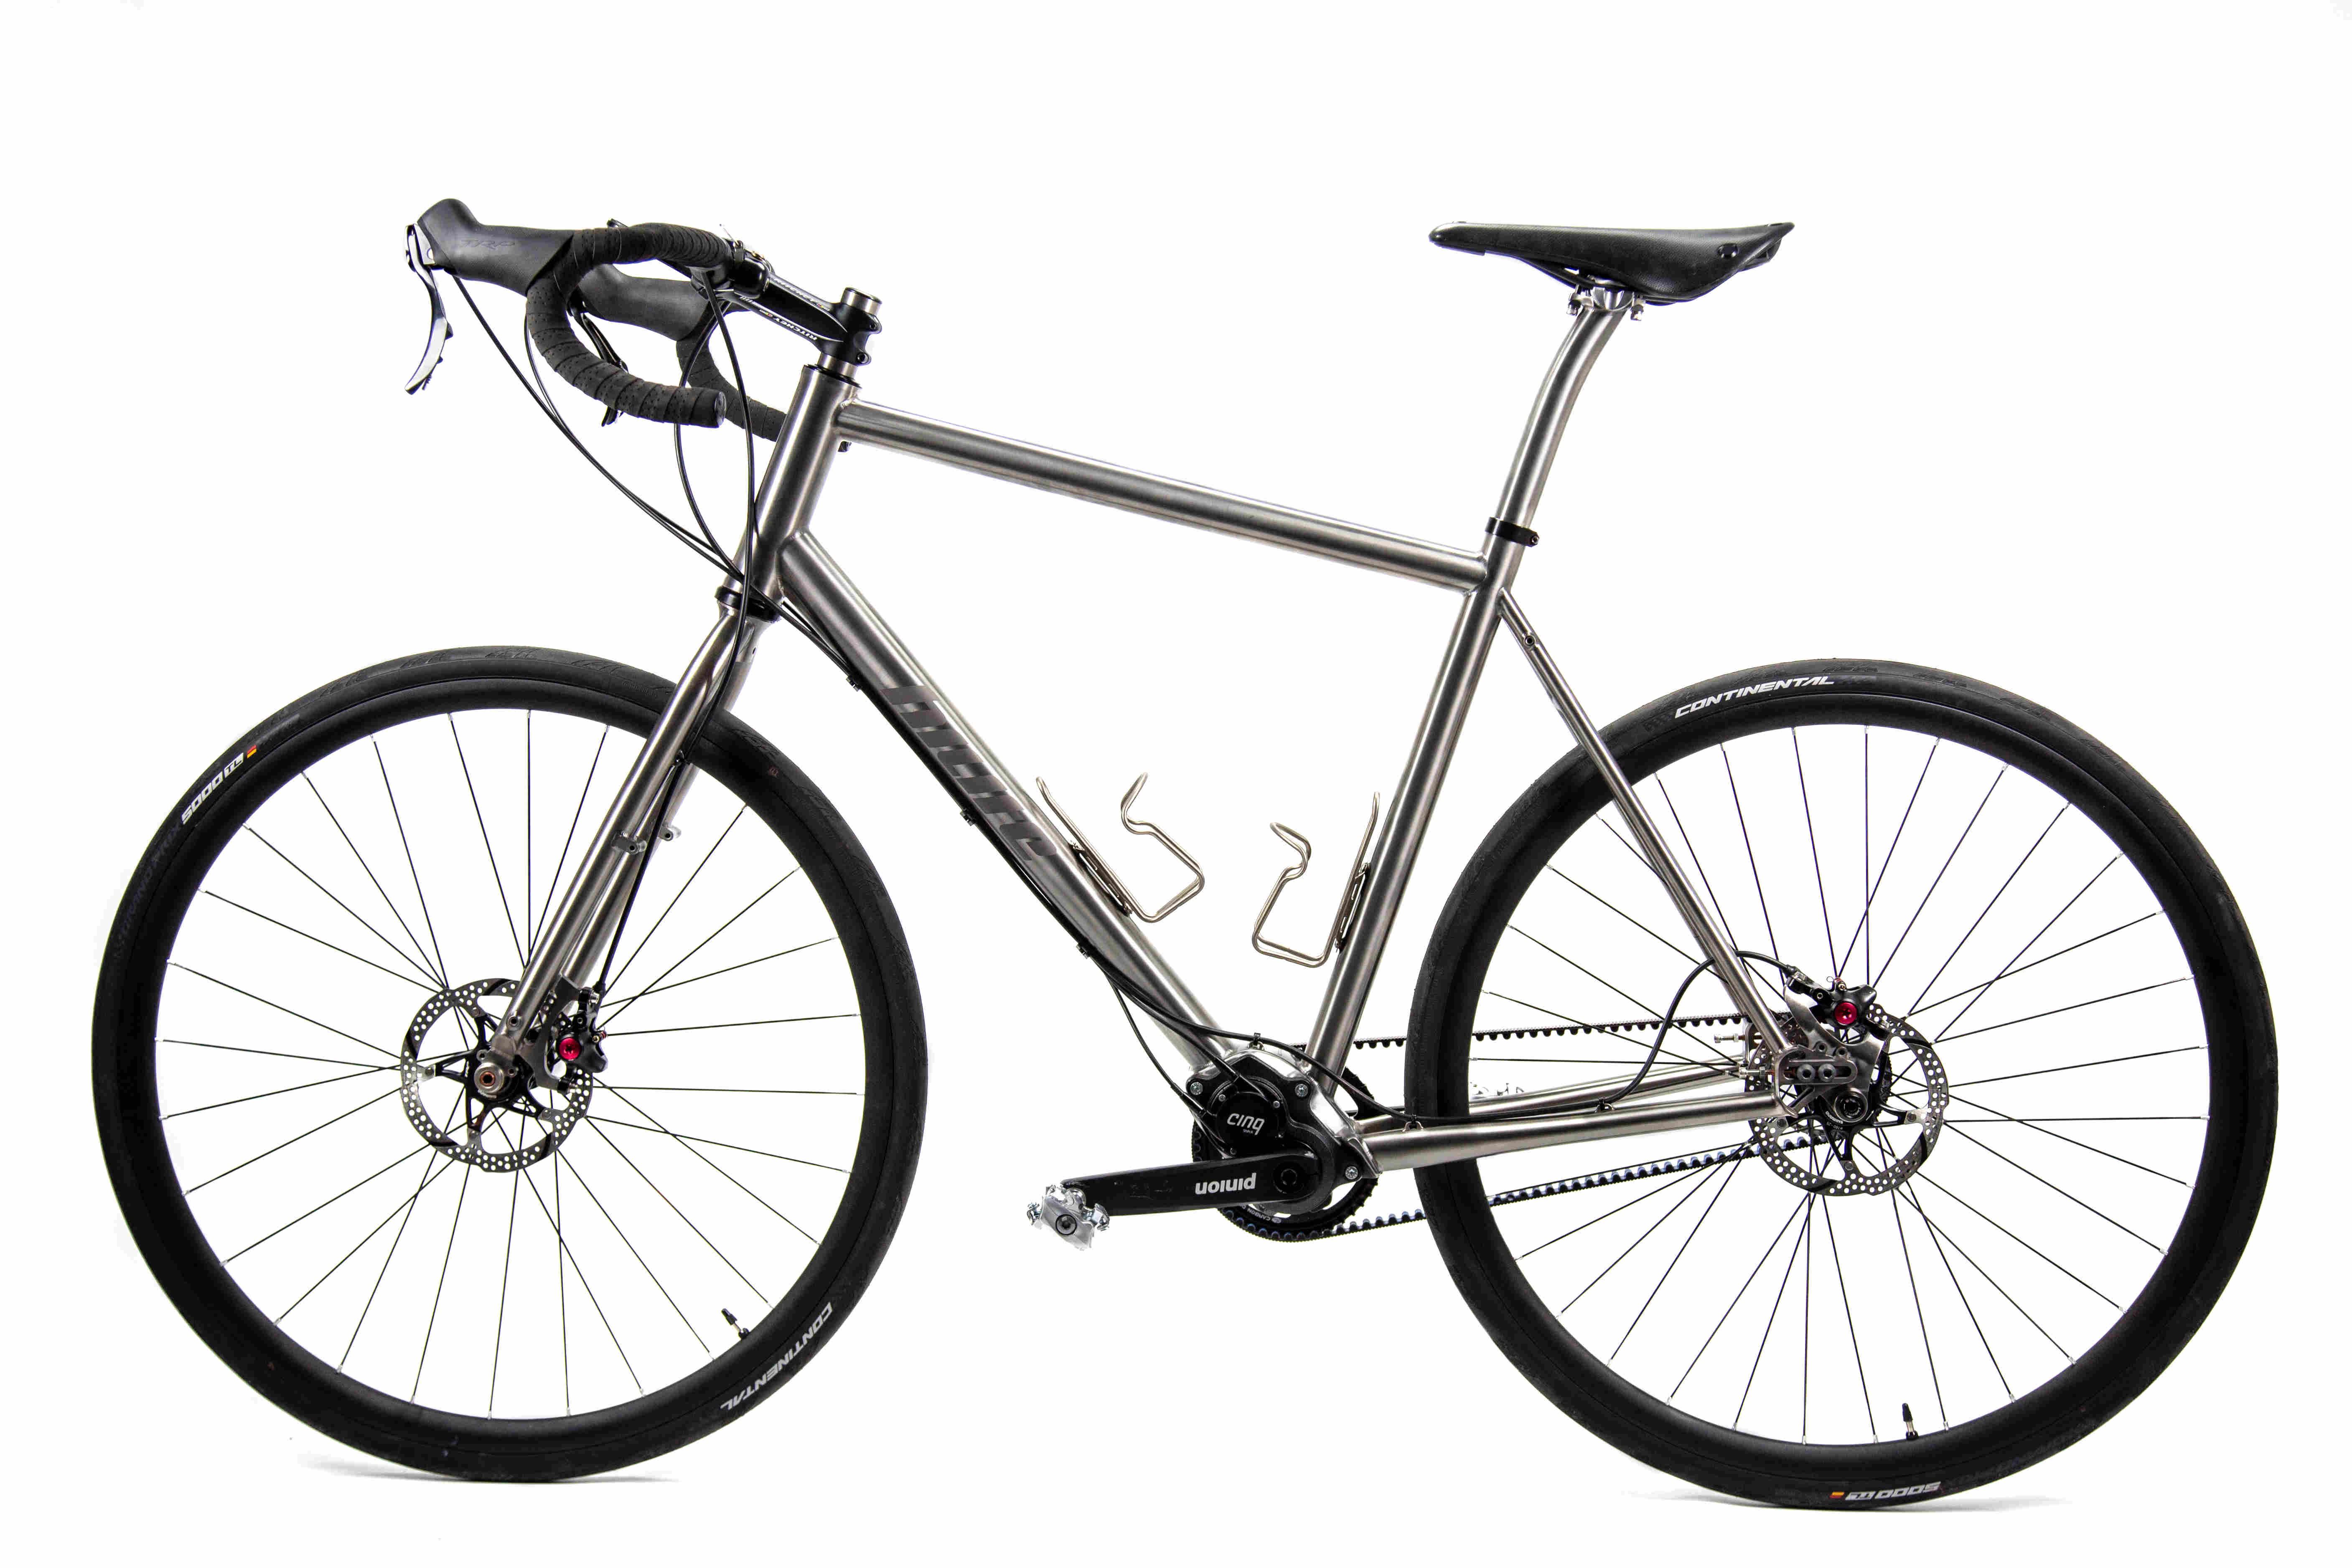 03_Pinion_Gravel_Race_Bike.jpg